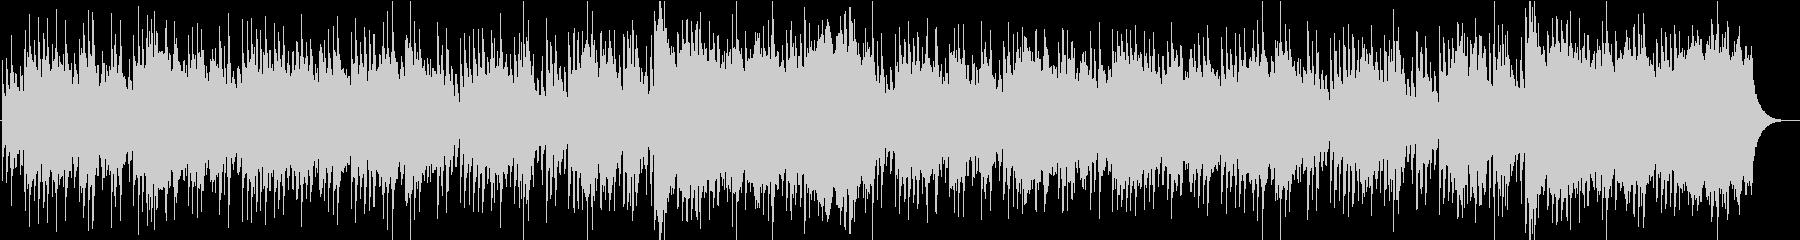 朧月夜 オルゴールオーケストラverの未再生の波形